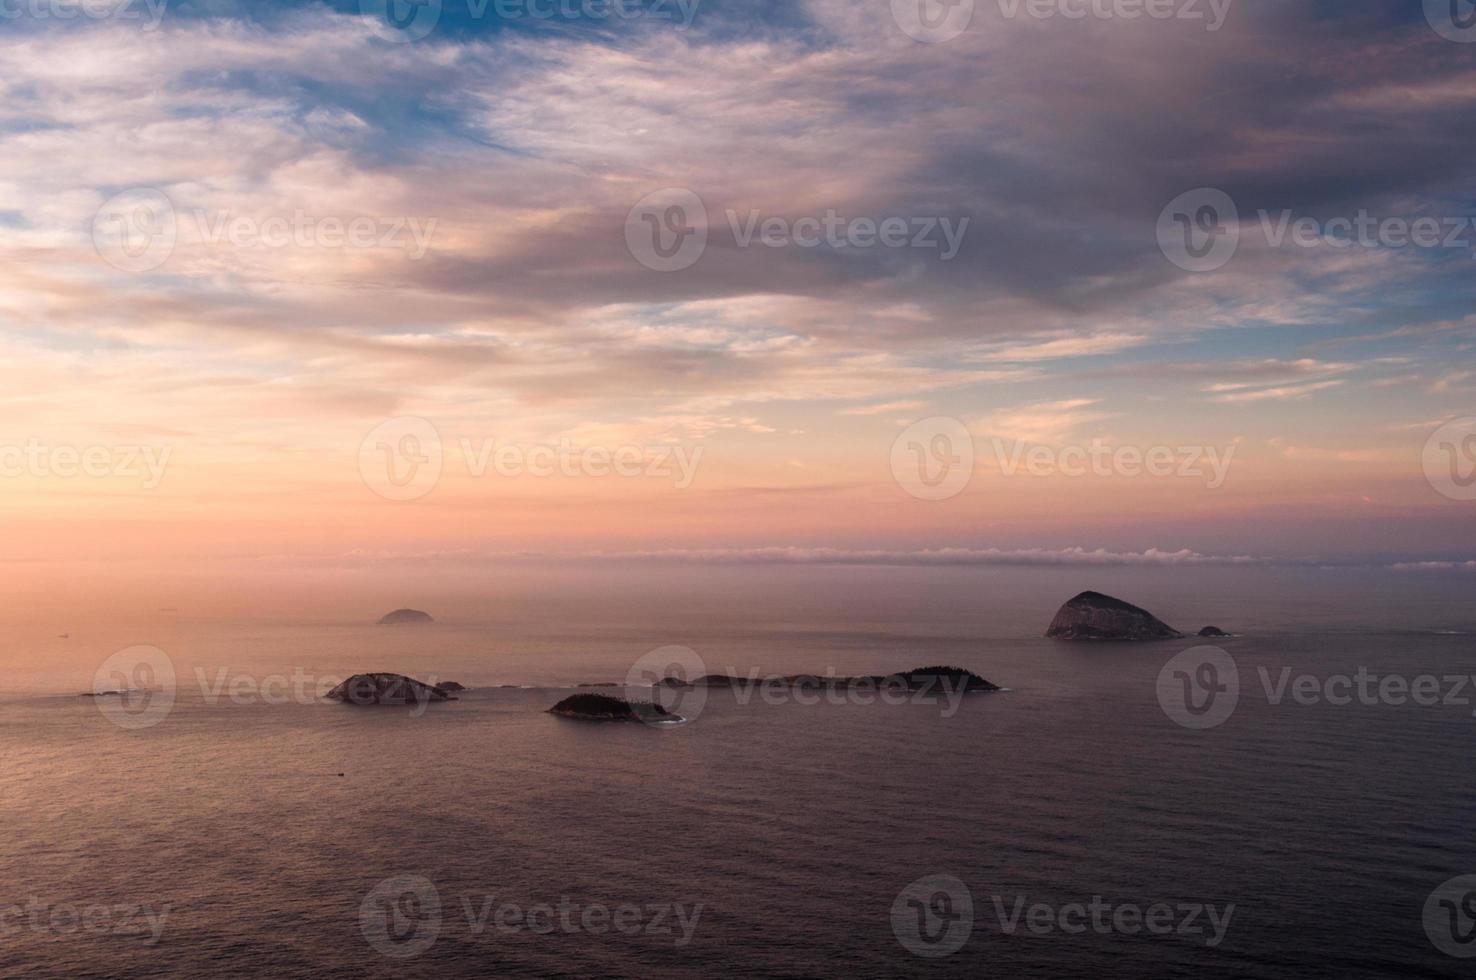 vista al mar al amanecer con islas en el horizonte foto